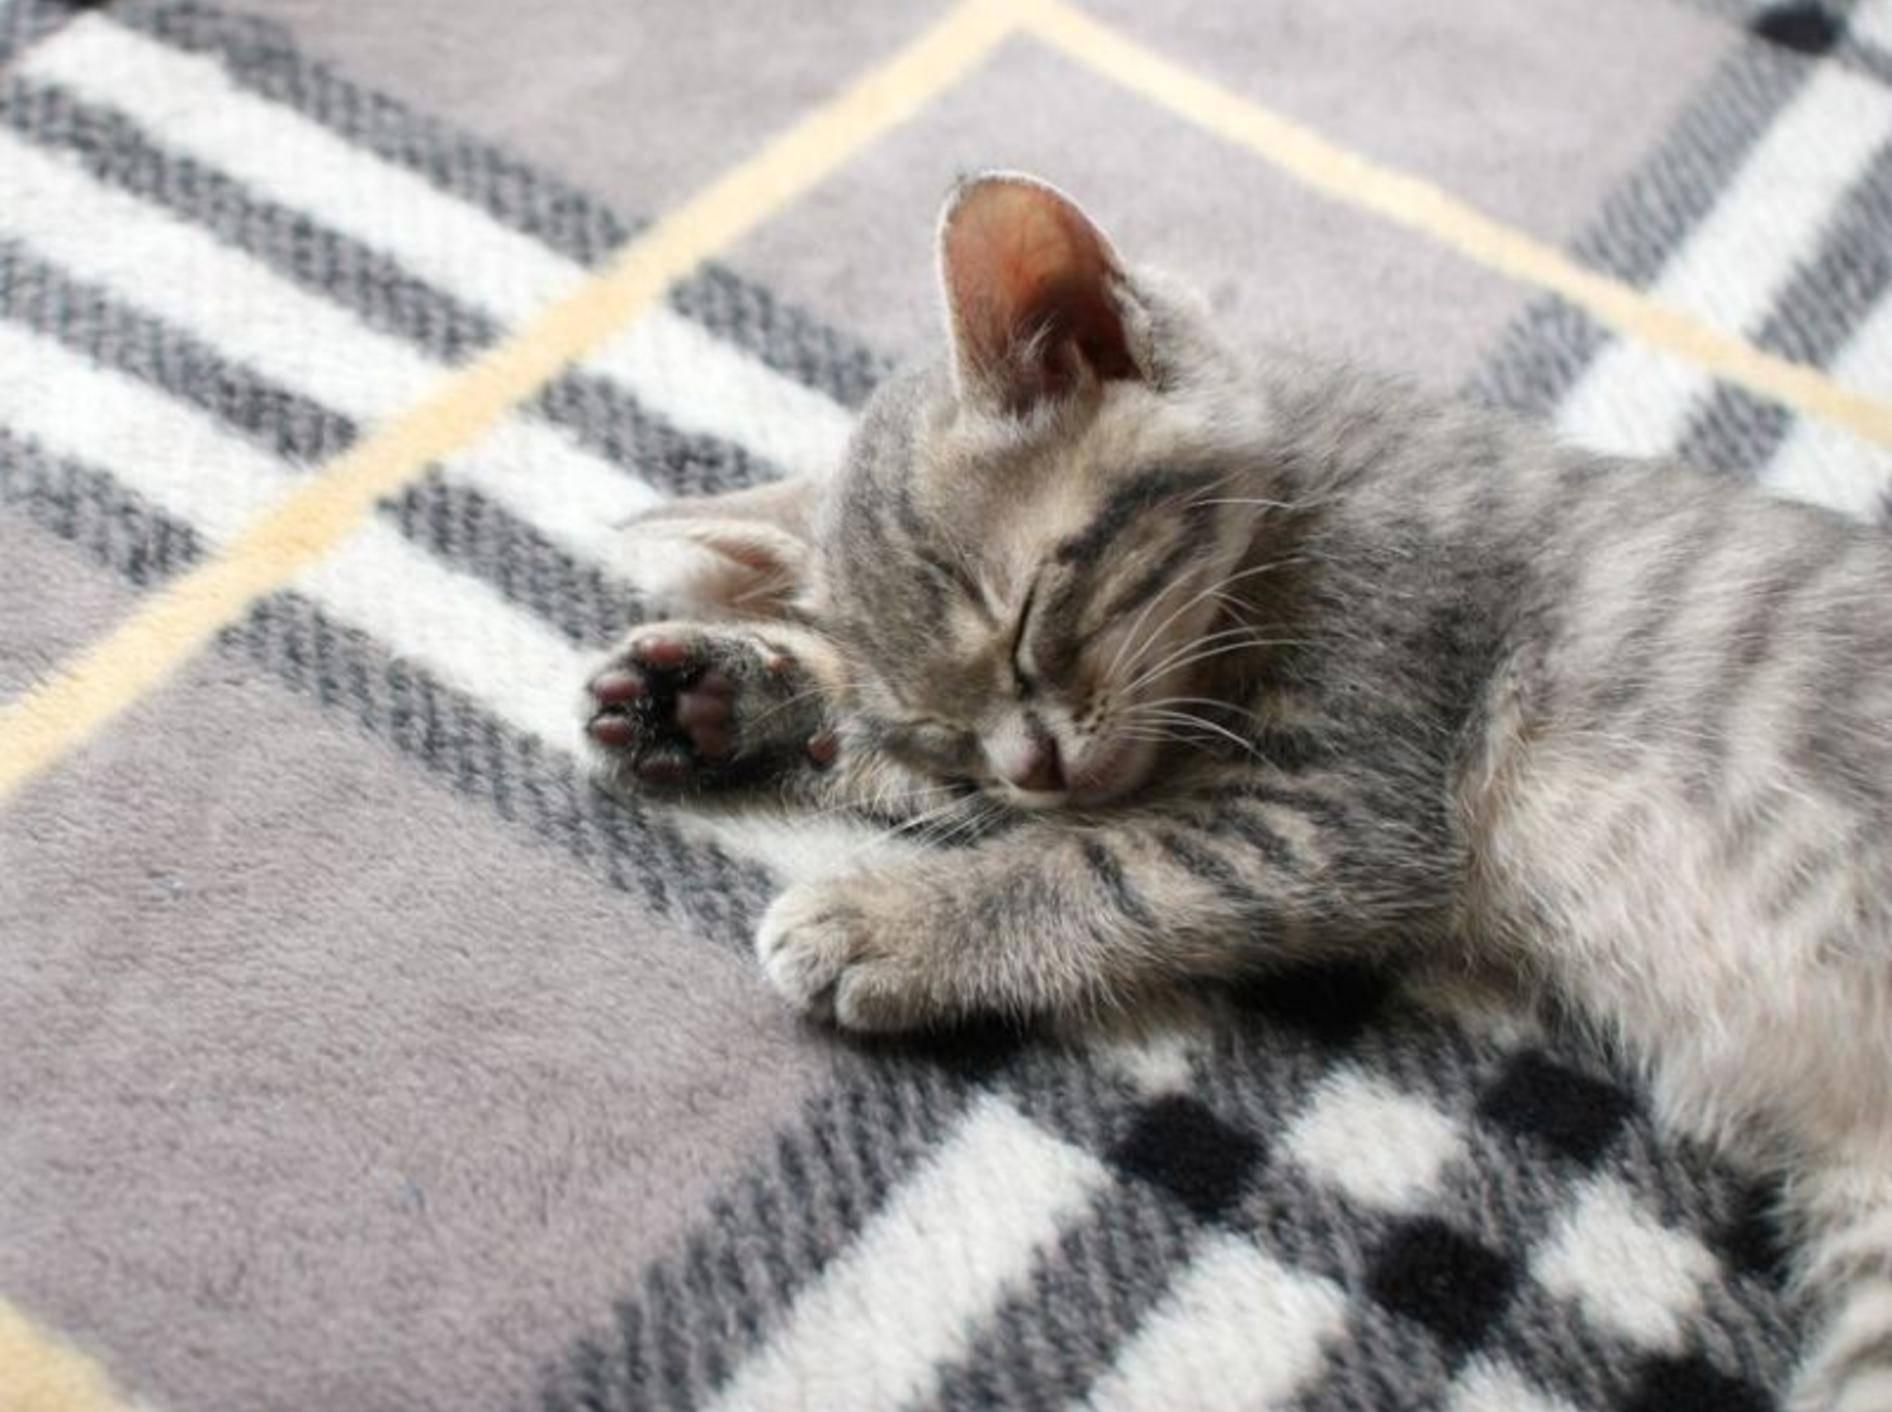 Auf der Kuscheldecke eingeschlafen: Babykatze